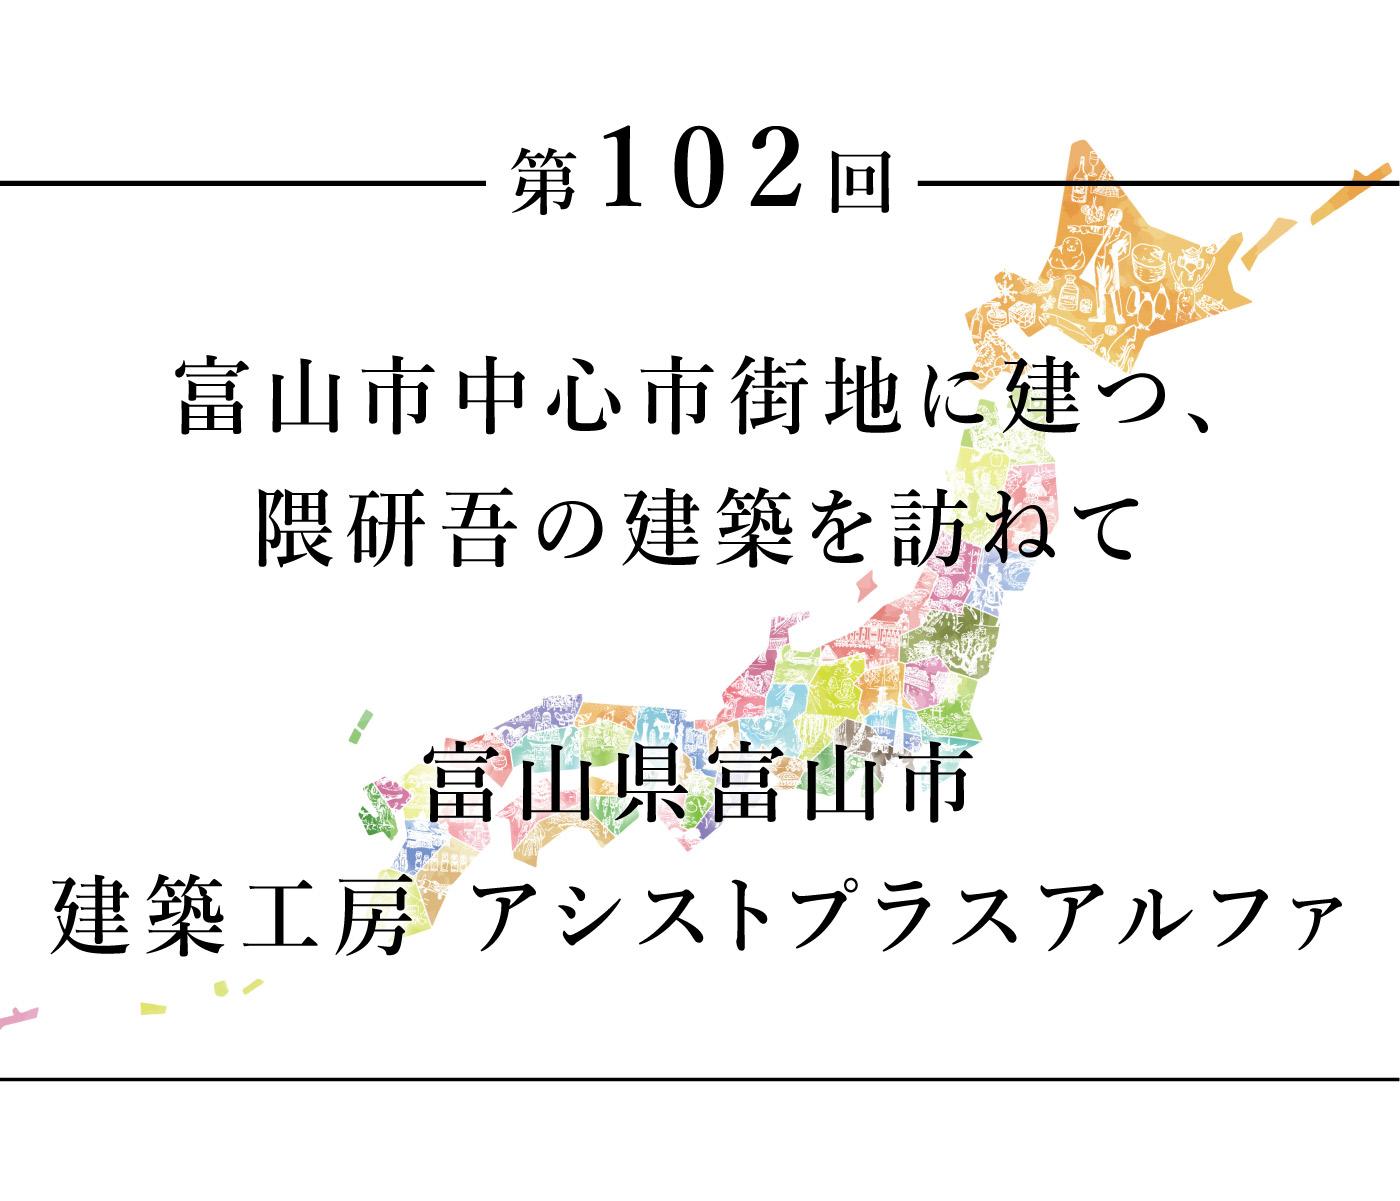 ちいきのたより第102回富山市中心市街地に建つ、隈研吾の建築を訪ねて富山県富山市 建築工房 アシストプラスアルファ